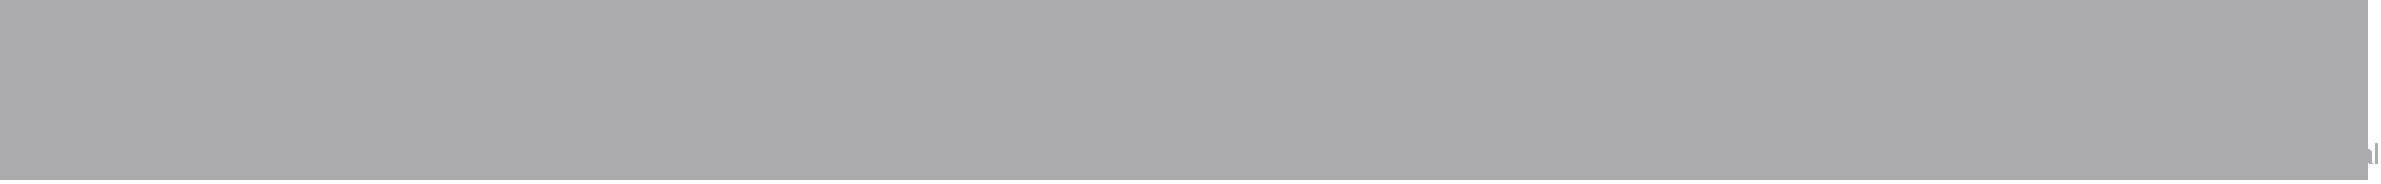 barra de assinatura AÇORES 2020 FEDER_SET2016